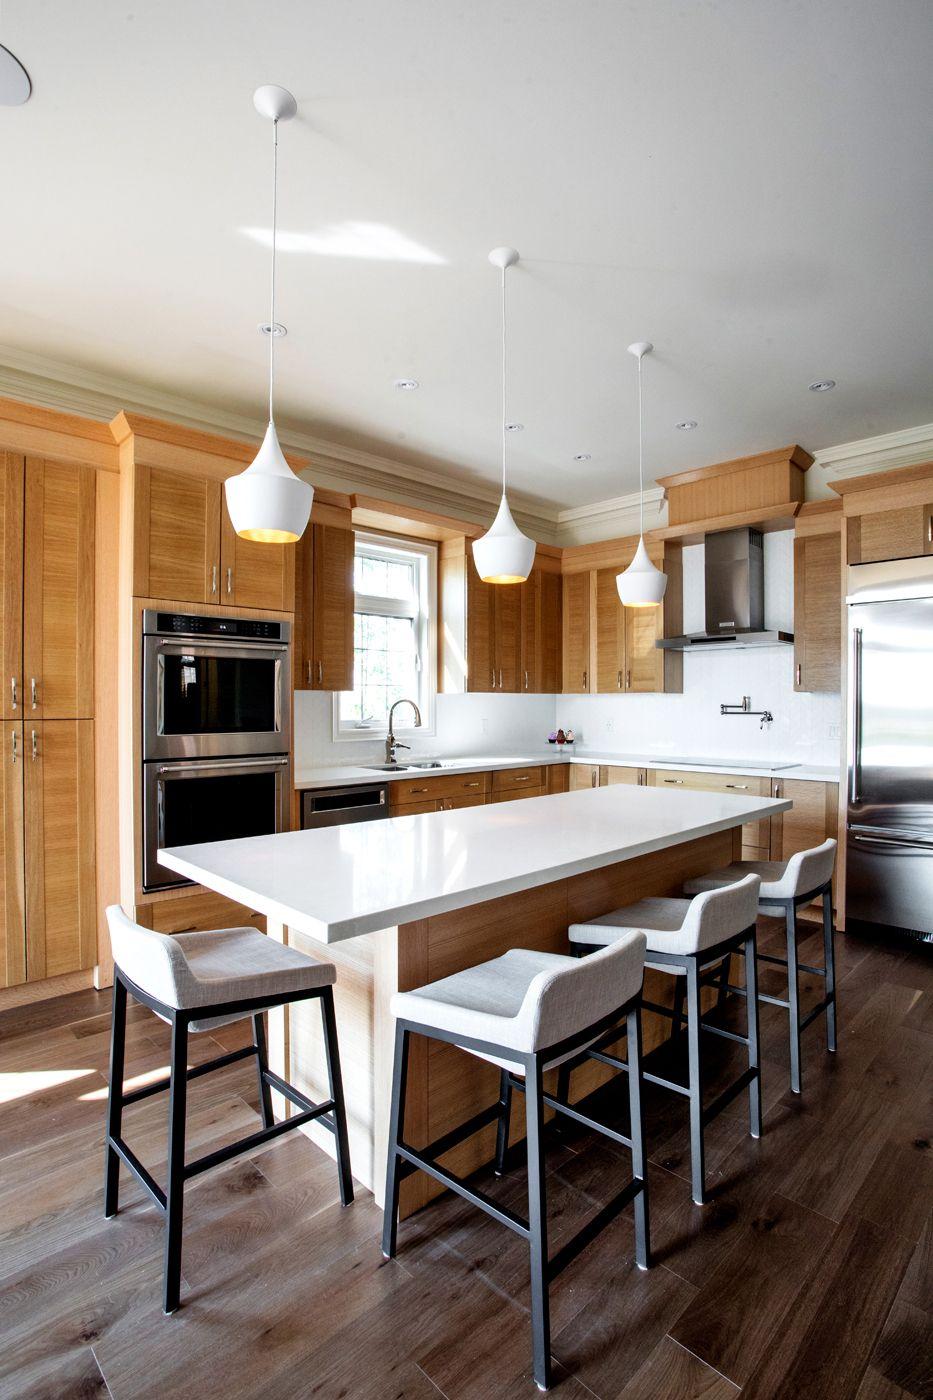 quartz countertops san diego kitchen natural oak kitchen cabinets with quartz countertops sandiego homes innisfil ora kitchens and bath orillia ontario